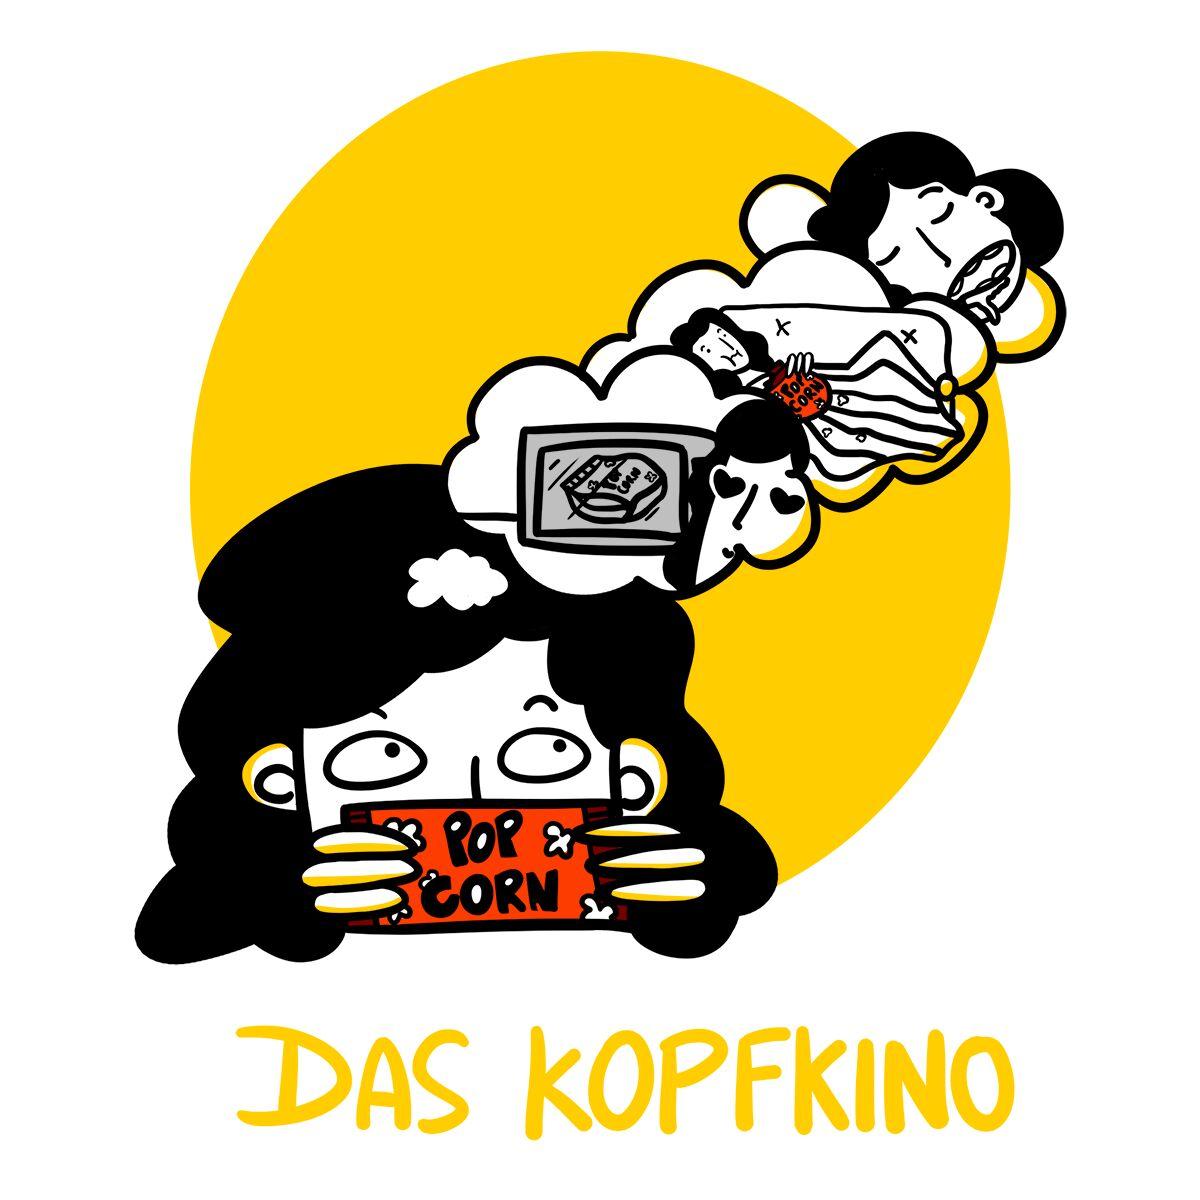 palavras em alemão kopfkino